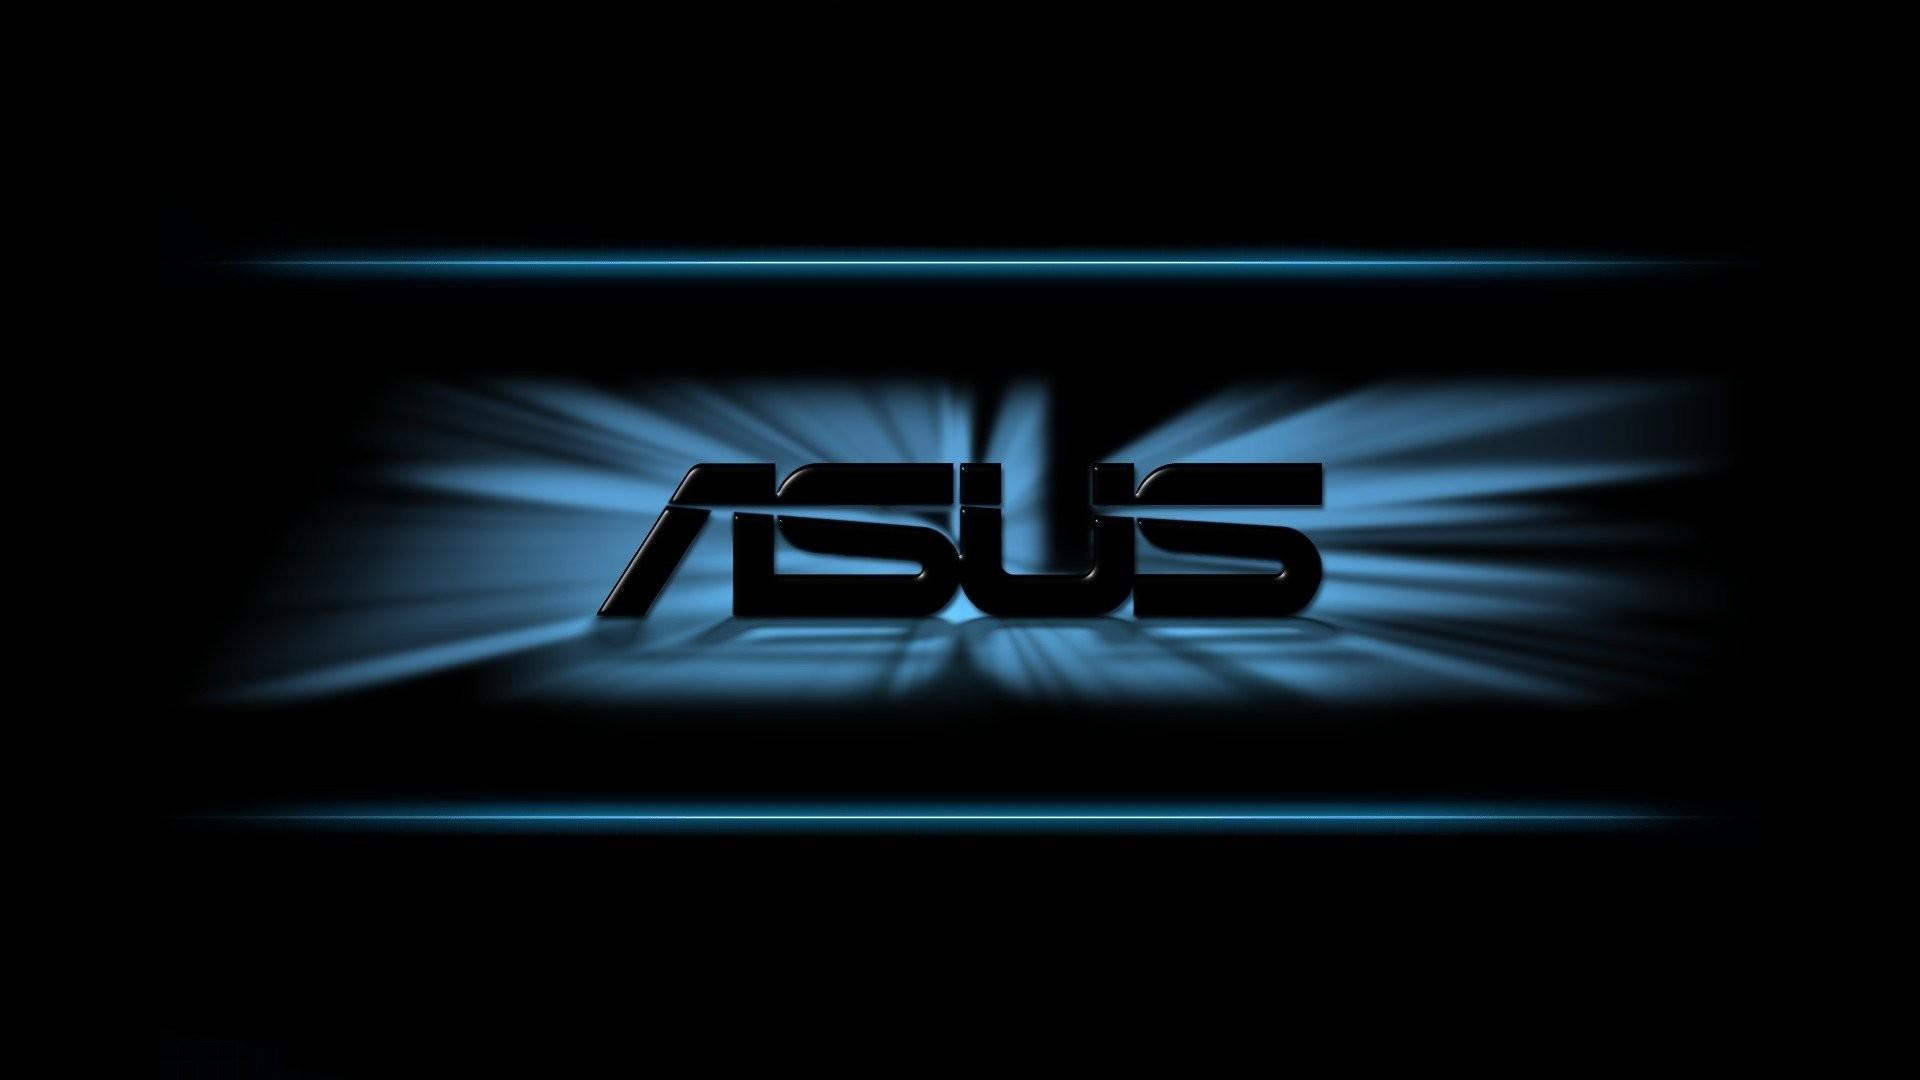 Asus Wallpaper Full Hd 86 Images